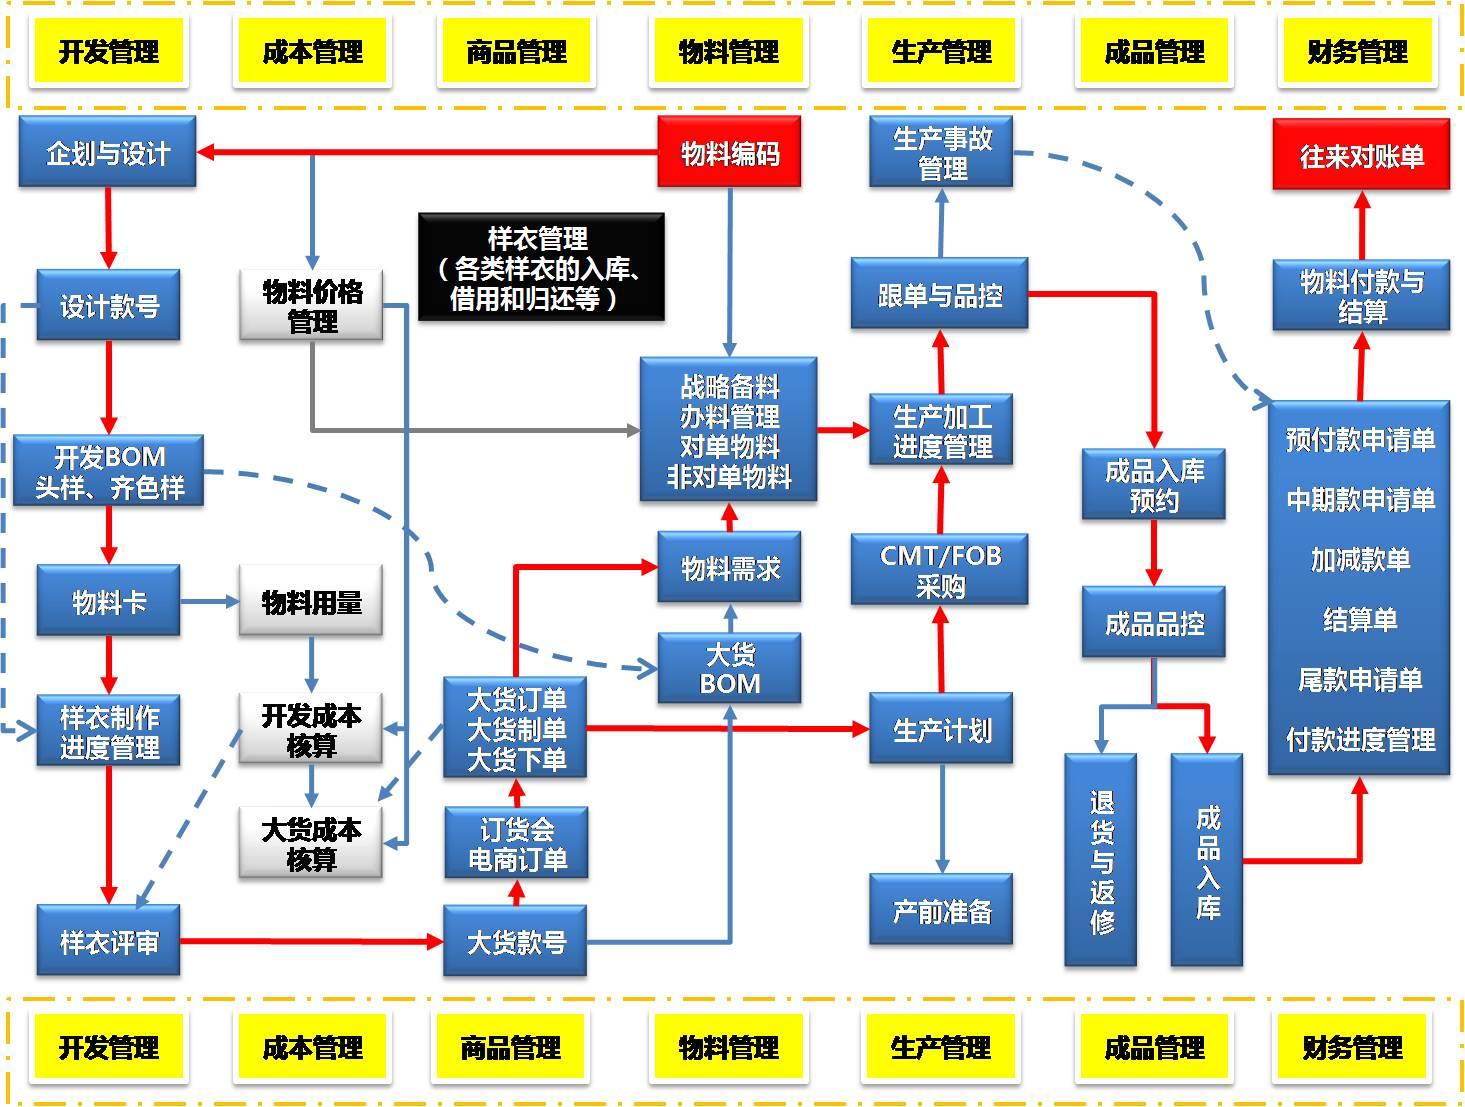 东莞邦越智慧工厂--服装行业千亿平台应用千赢国际老虎机登录